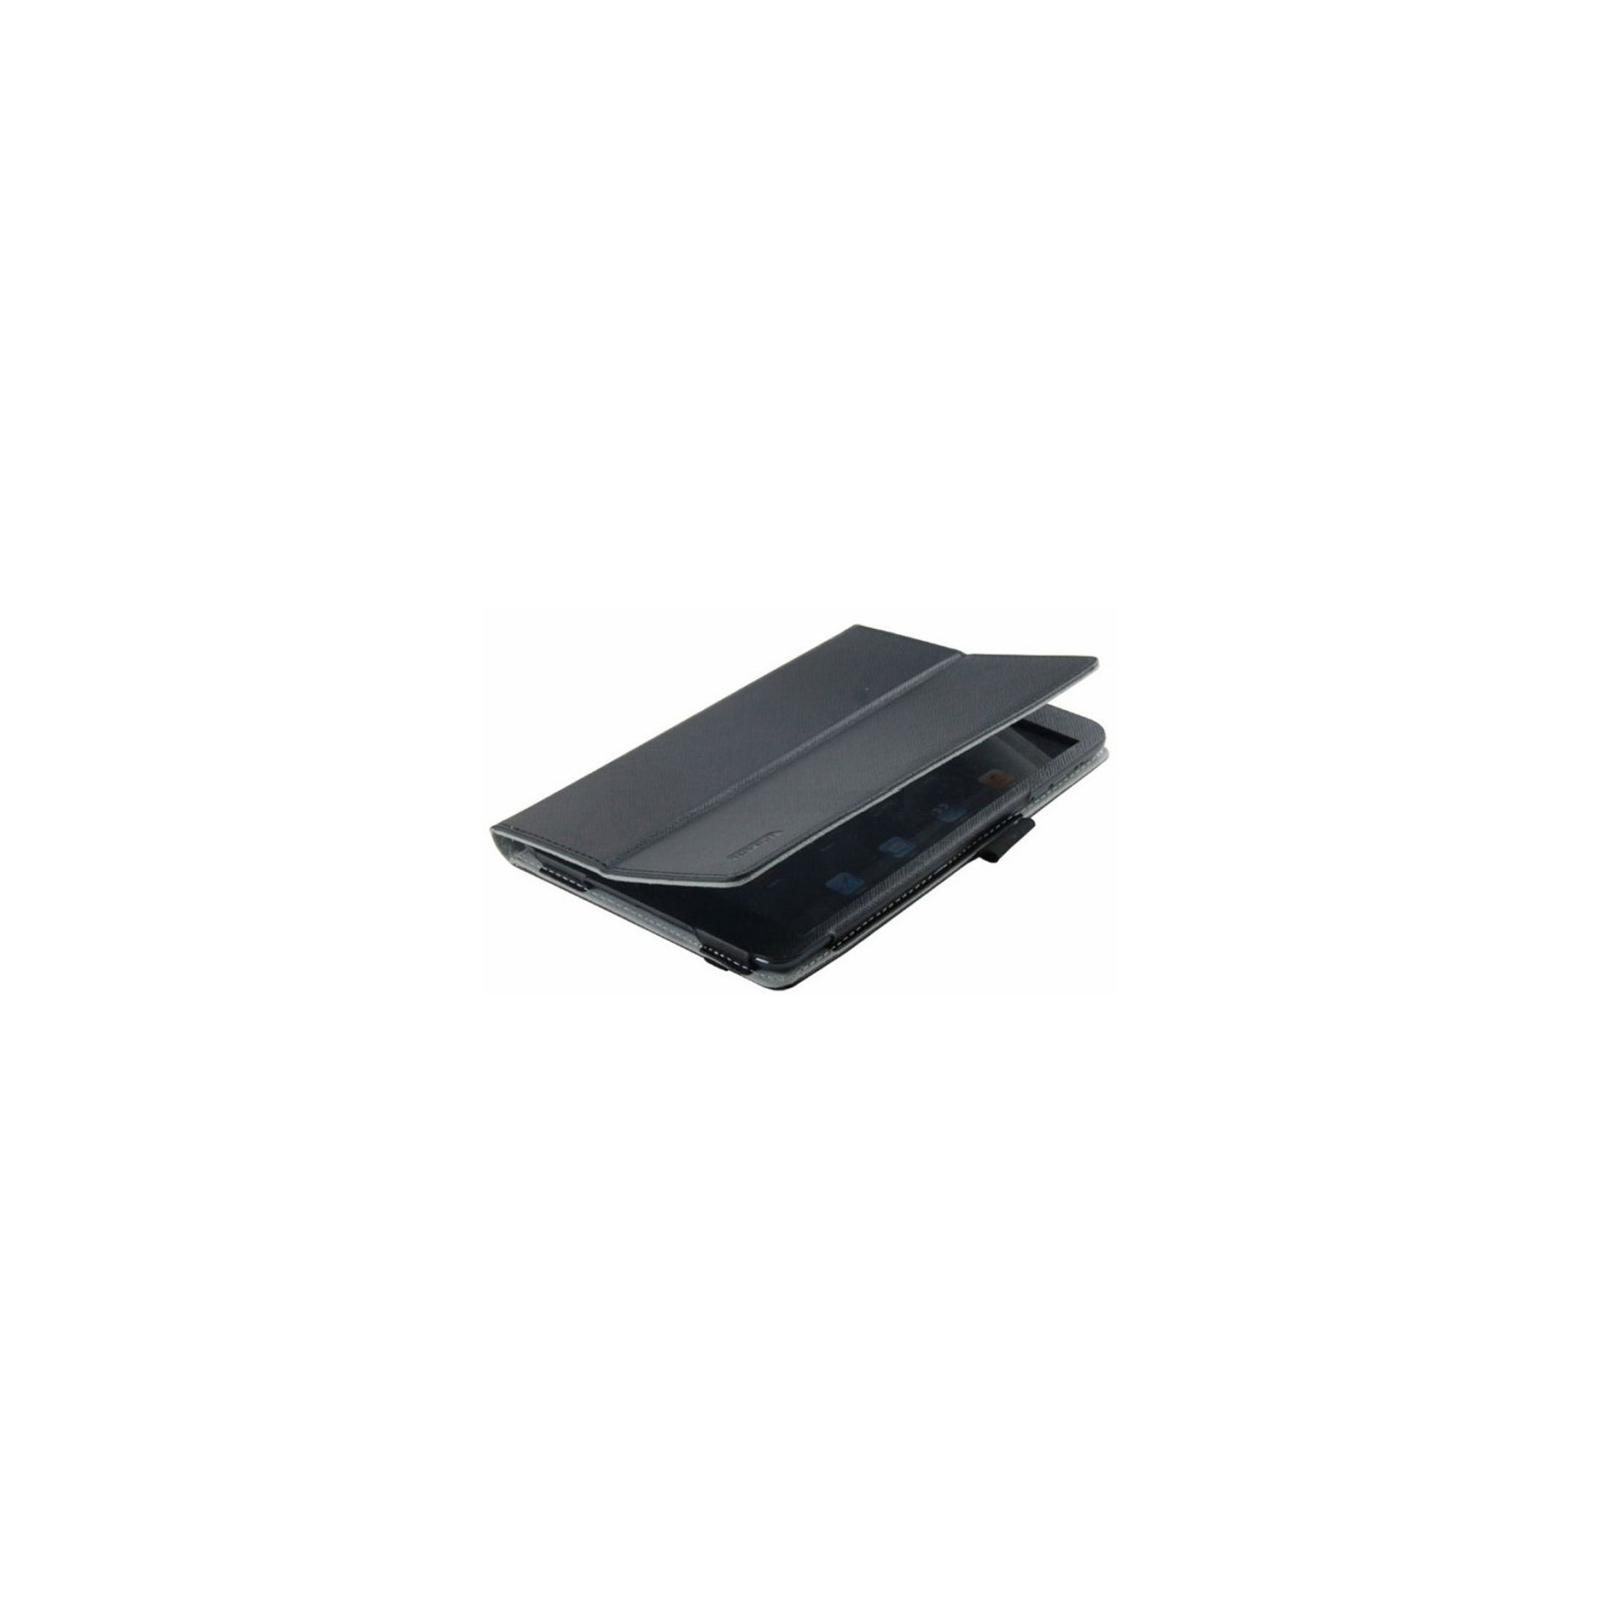 """Чехол для планшета iPearl 7,9"""" iPad Mini black (PCUT5TW) изображение 2"""